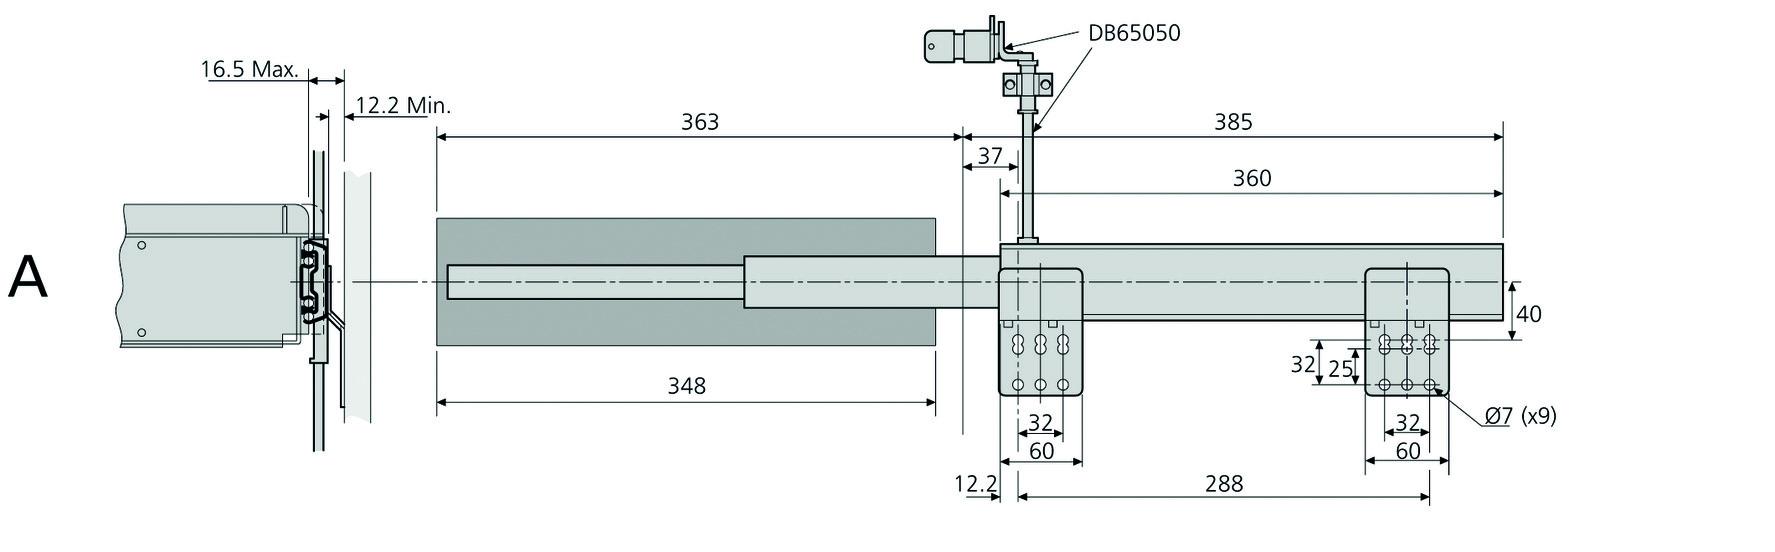 Verschluss Bausatz schwarz ACCURIDE DB65050-1